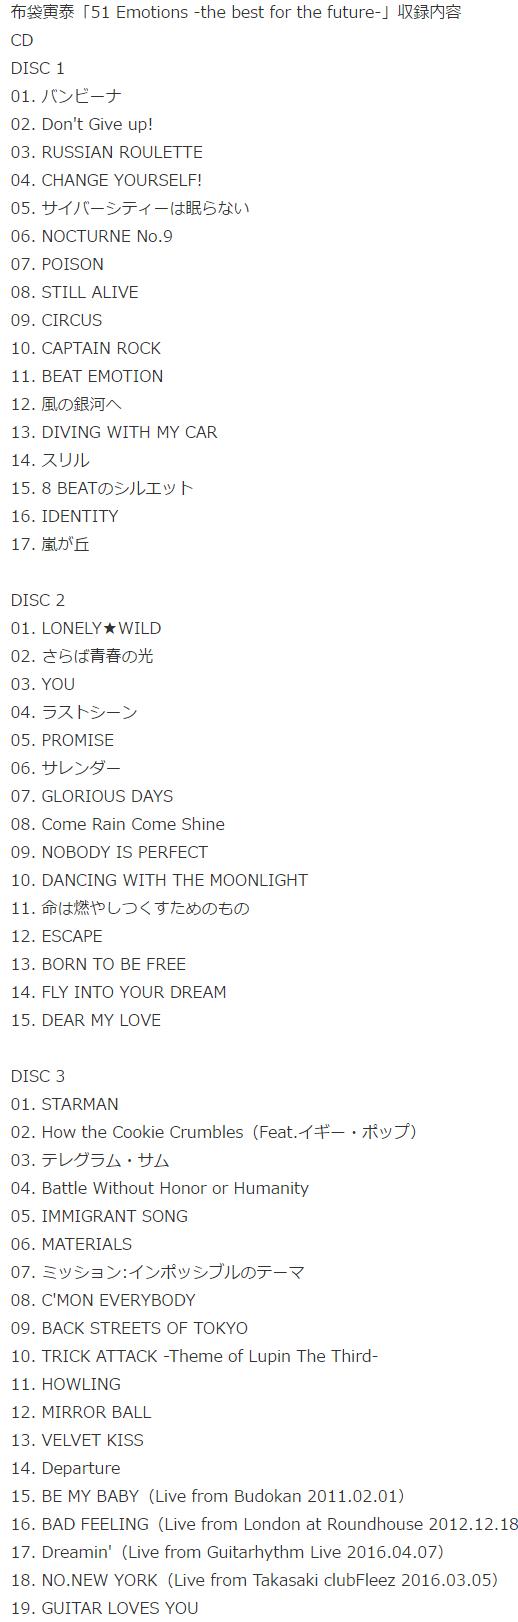 布袋寅泰ベスト盤、本人こだわりの曲順で収めた全51曲を発表